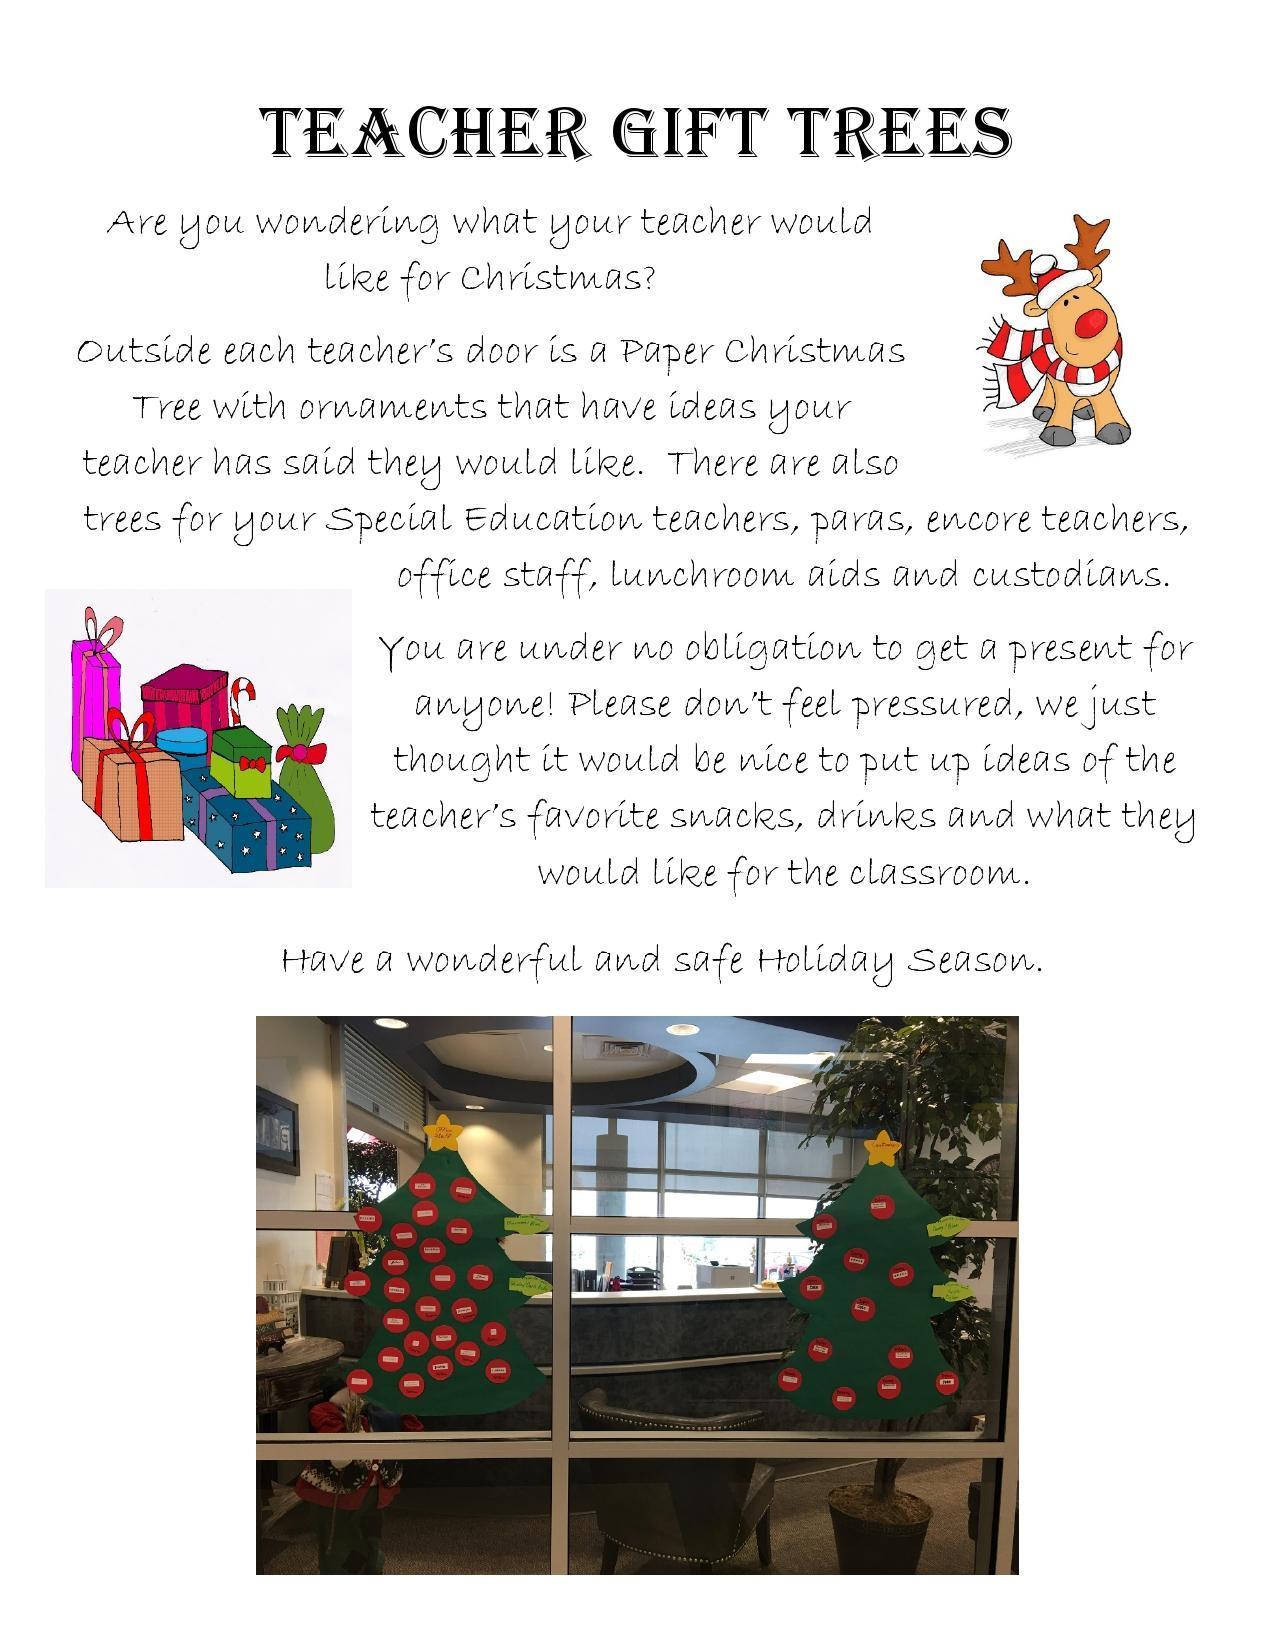 Teacher gift trees